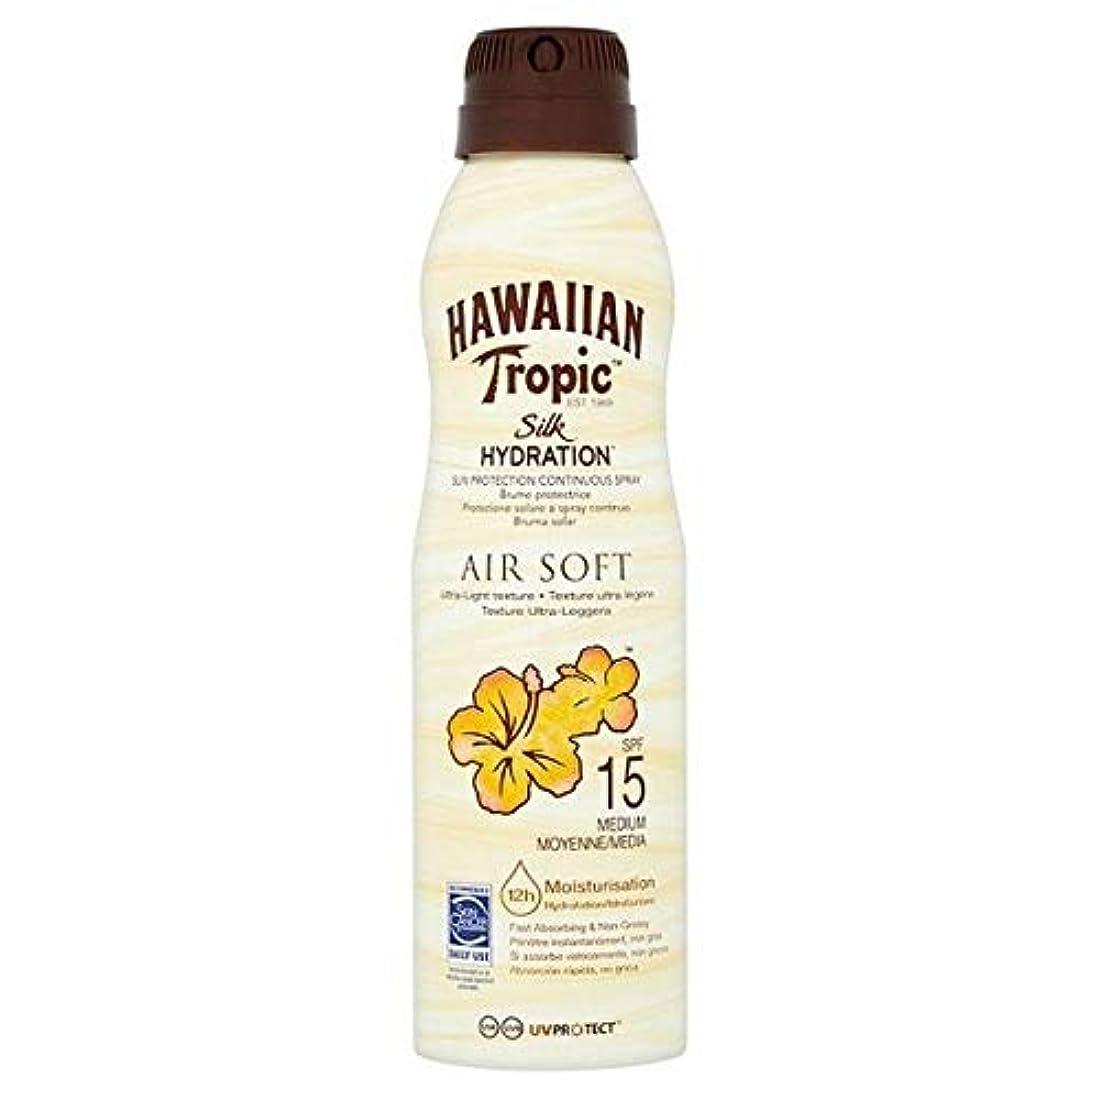 植物学者順応性偏心[Hawaiian Tropic ] H /向性絹水和エアガン連続スプレーSpf15の177ミリリットル - H/Tropic Silk Hydration Airsoft Continuous Spray SPF15...